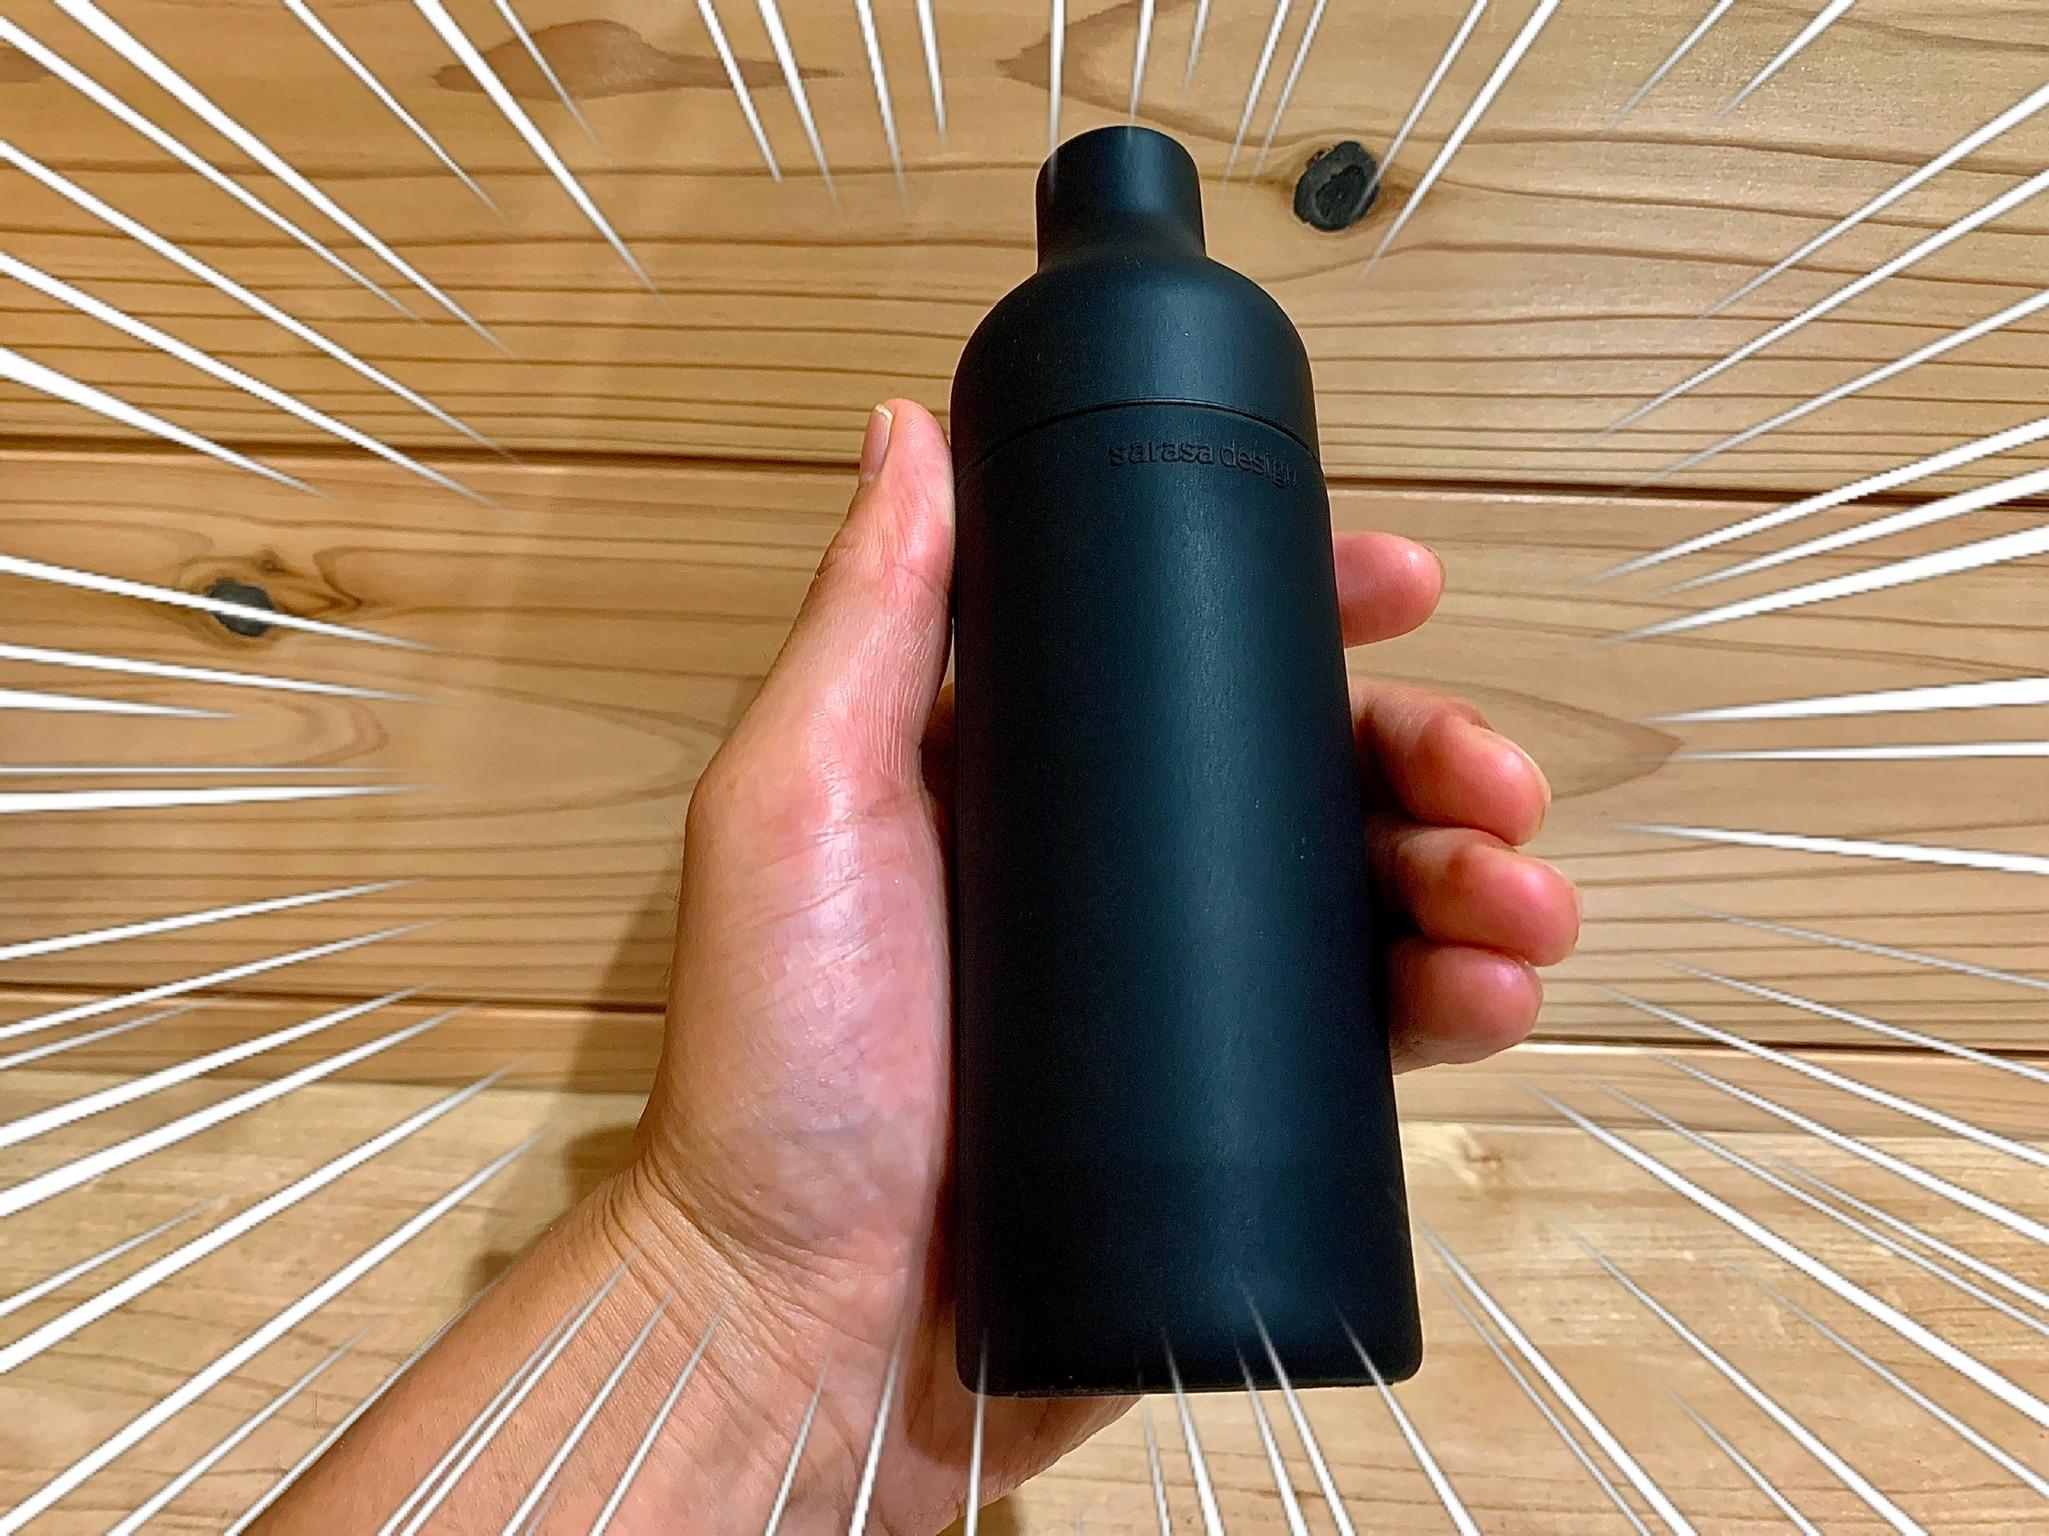 洗剤入れを「サラサデザイン」のボトルに変えたらオシャレ度がぐ〜んとUPした!